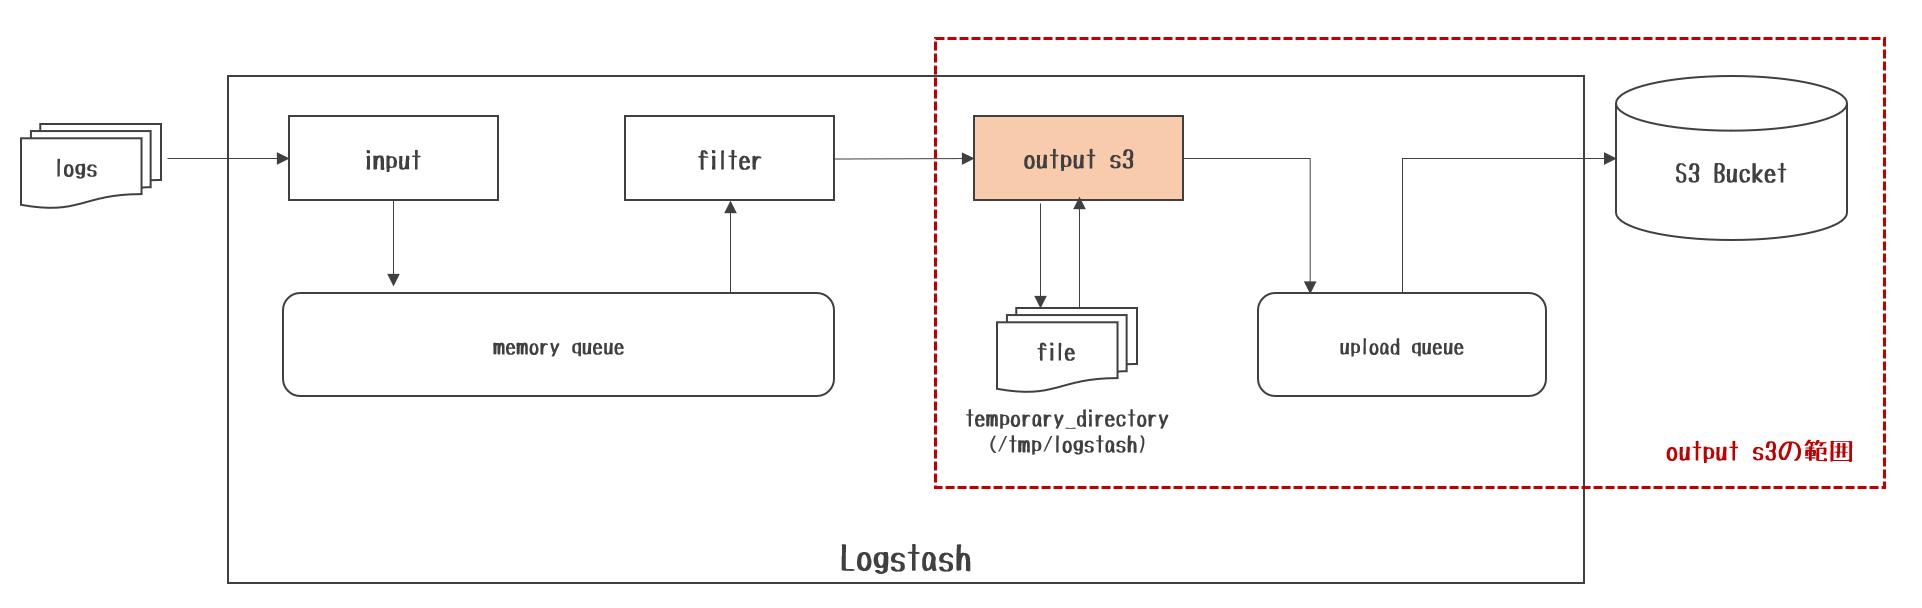 Logstashのoutput s3 plugin検証まとめ - Qiita